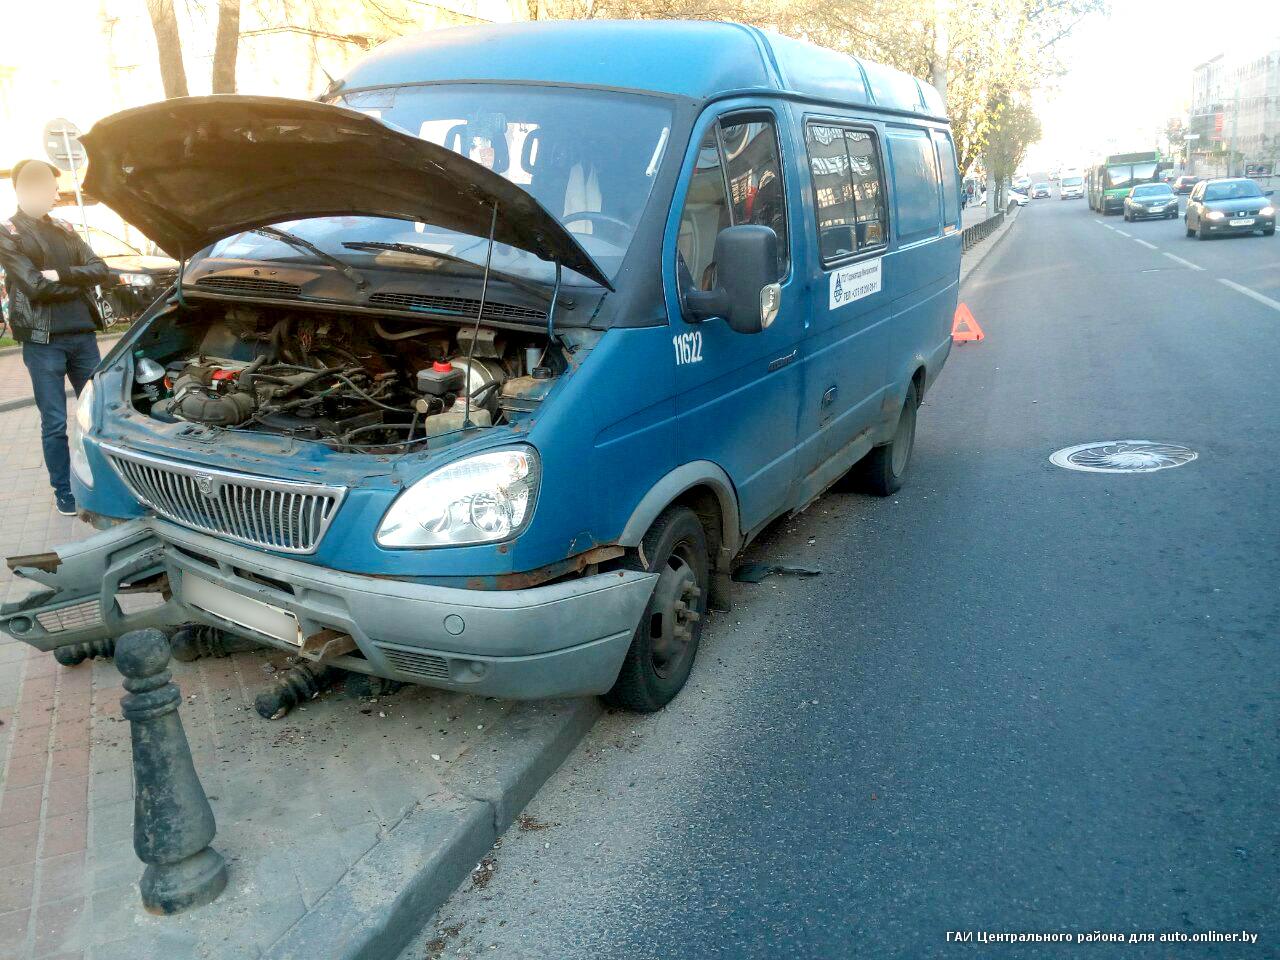 ничем реальный пробег авто в такси любопытно Писака давай зачетку